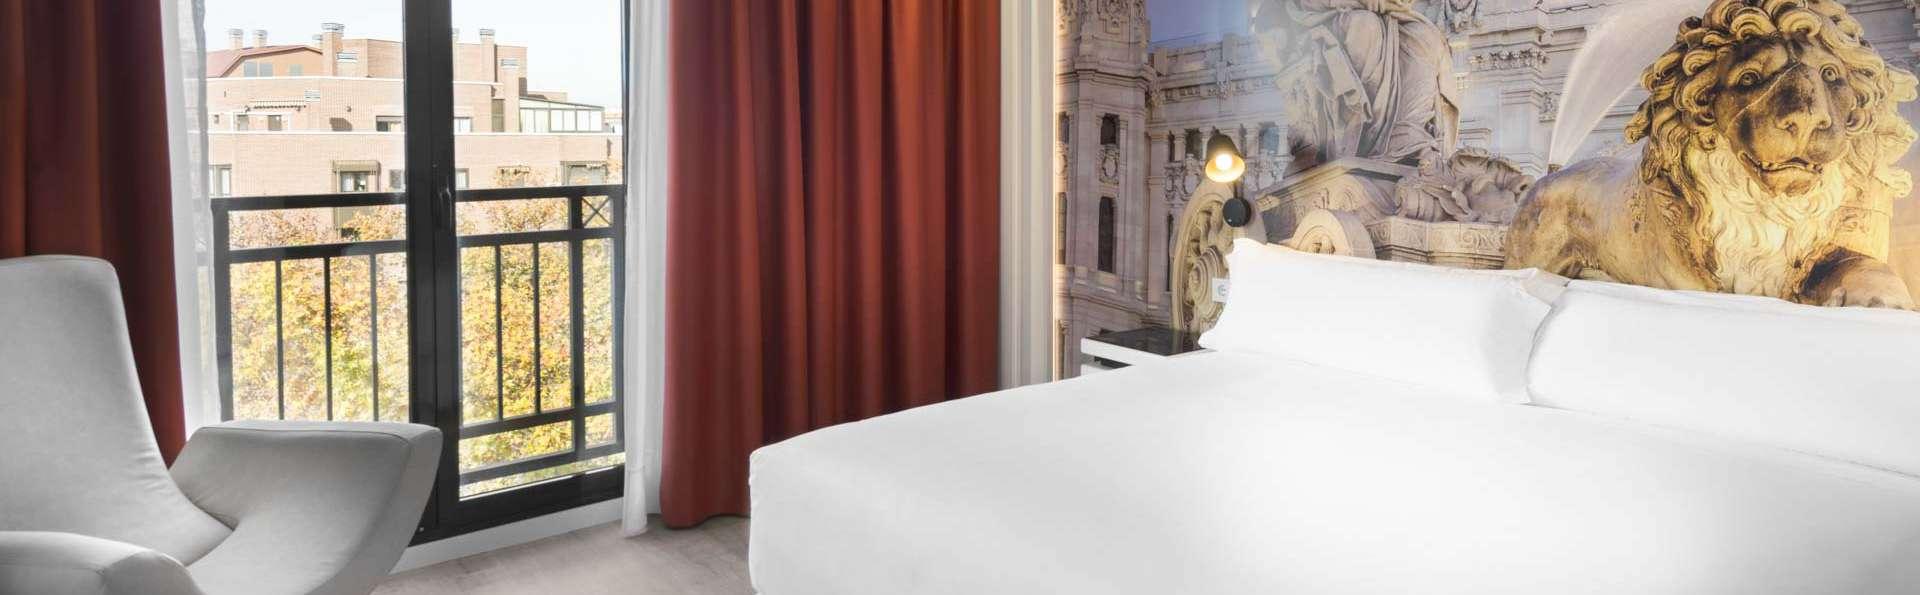 Descubre Madrid con Bus Turístico y hotel de diseño